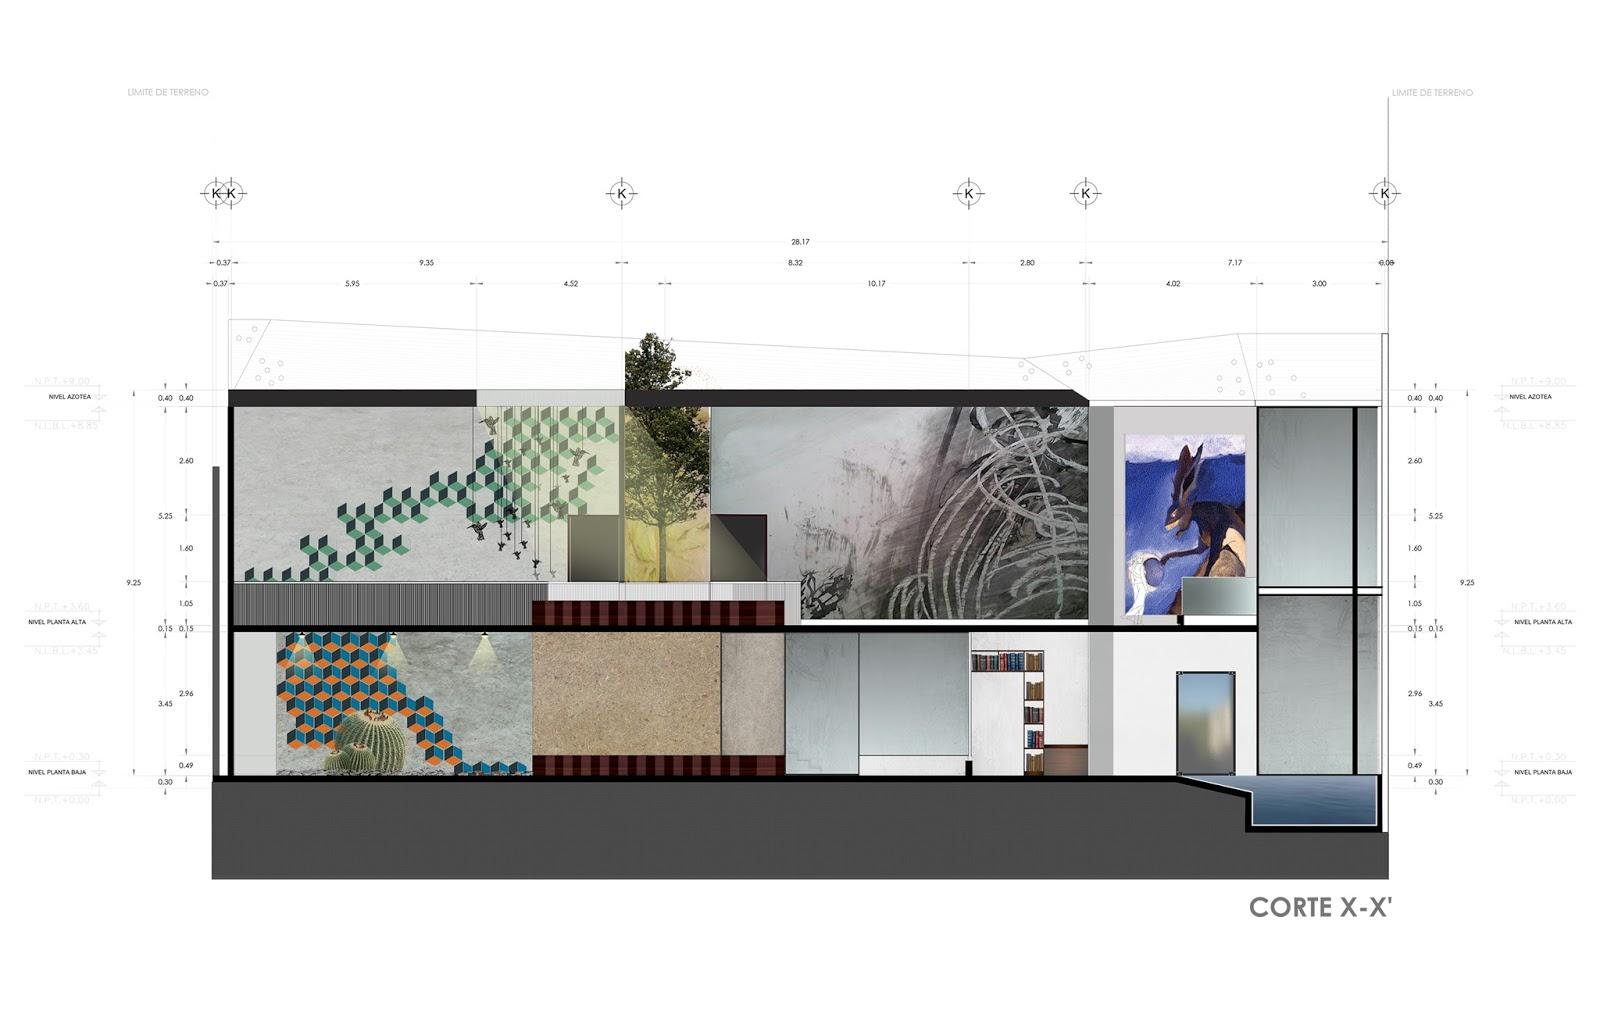 Arquitectura cortes arquitect nicos de mi tesis for Arquitectura nota de corte